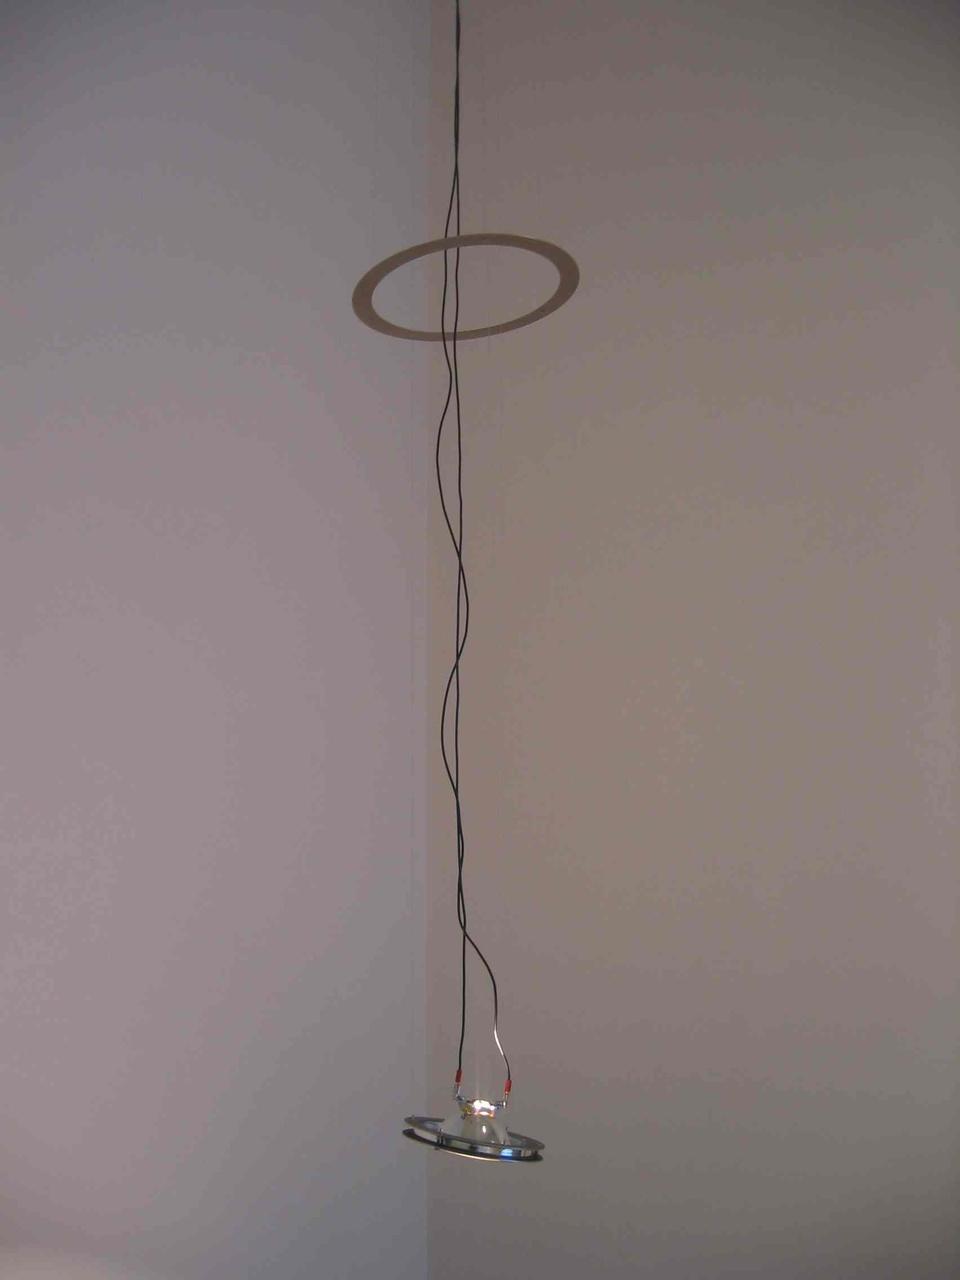 Marionetlampje